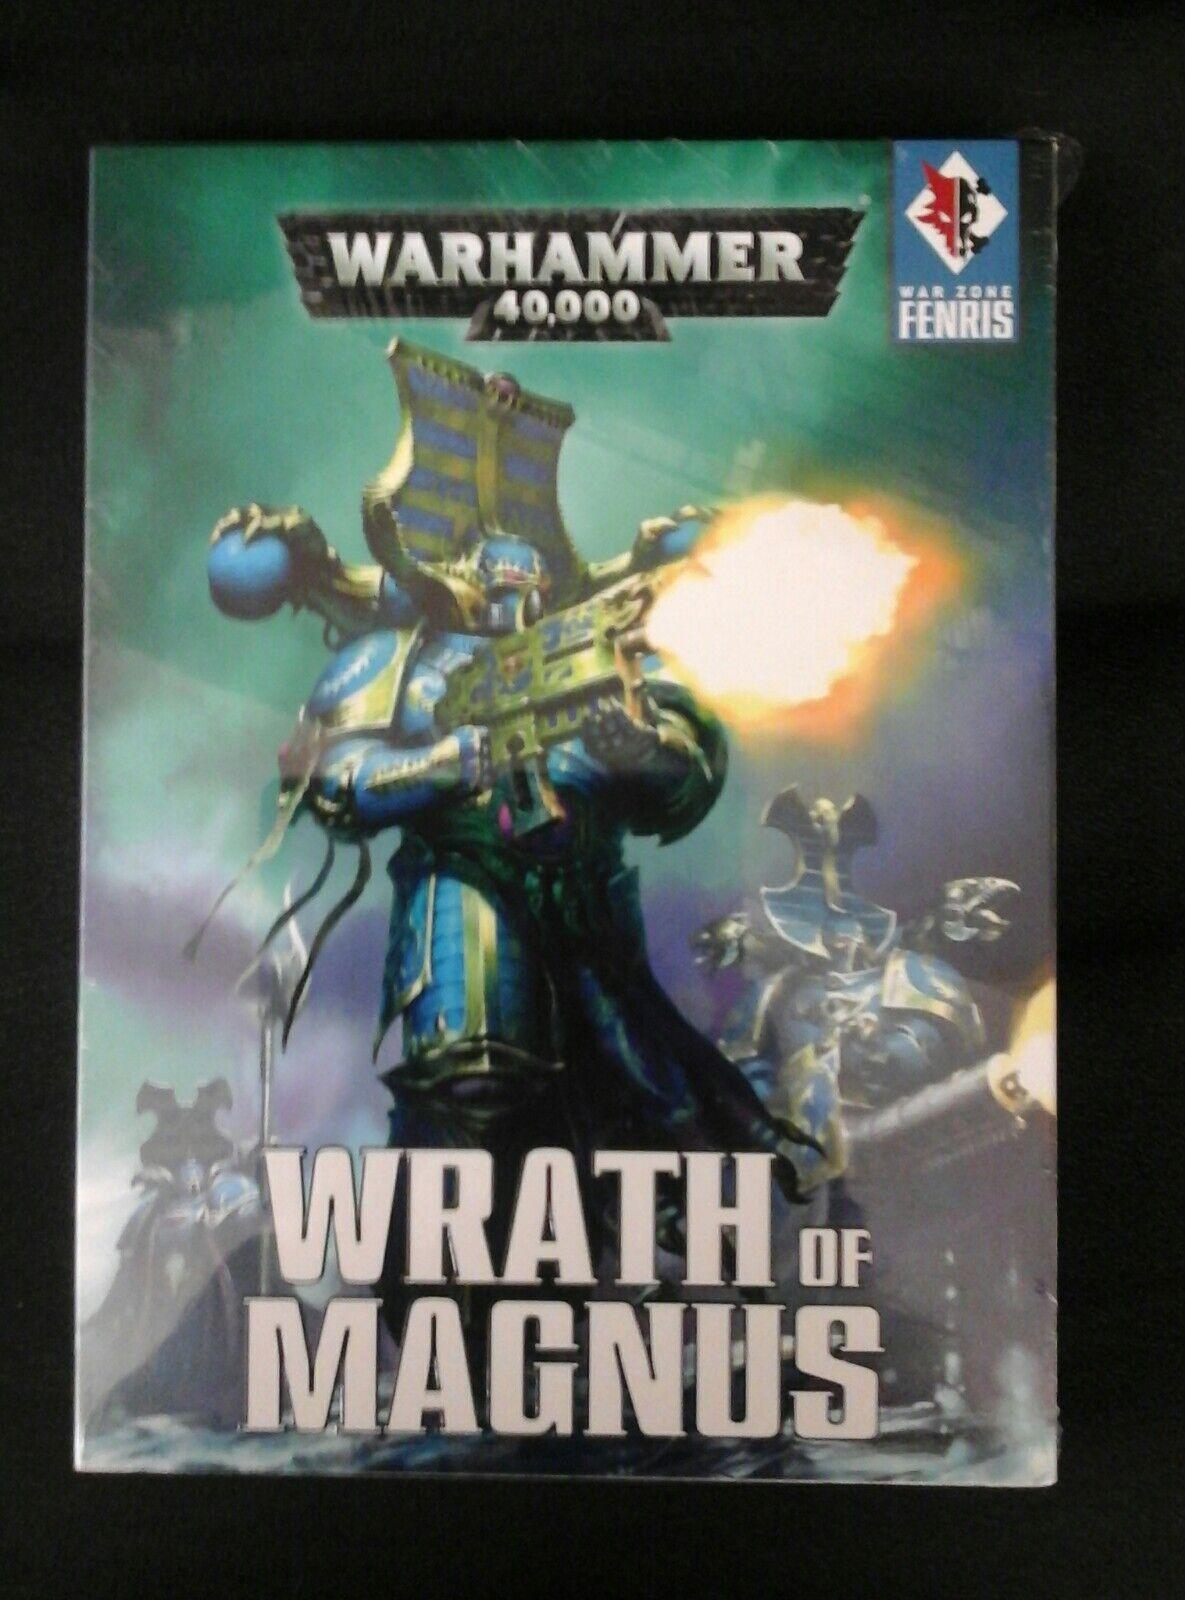 Krieg fenris zorn von magnus satz 7. n new hc gw warhammer 40.000 treten